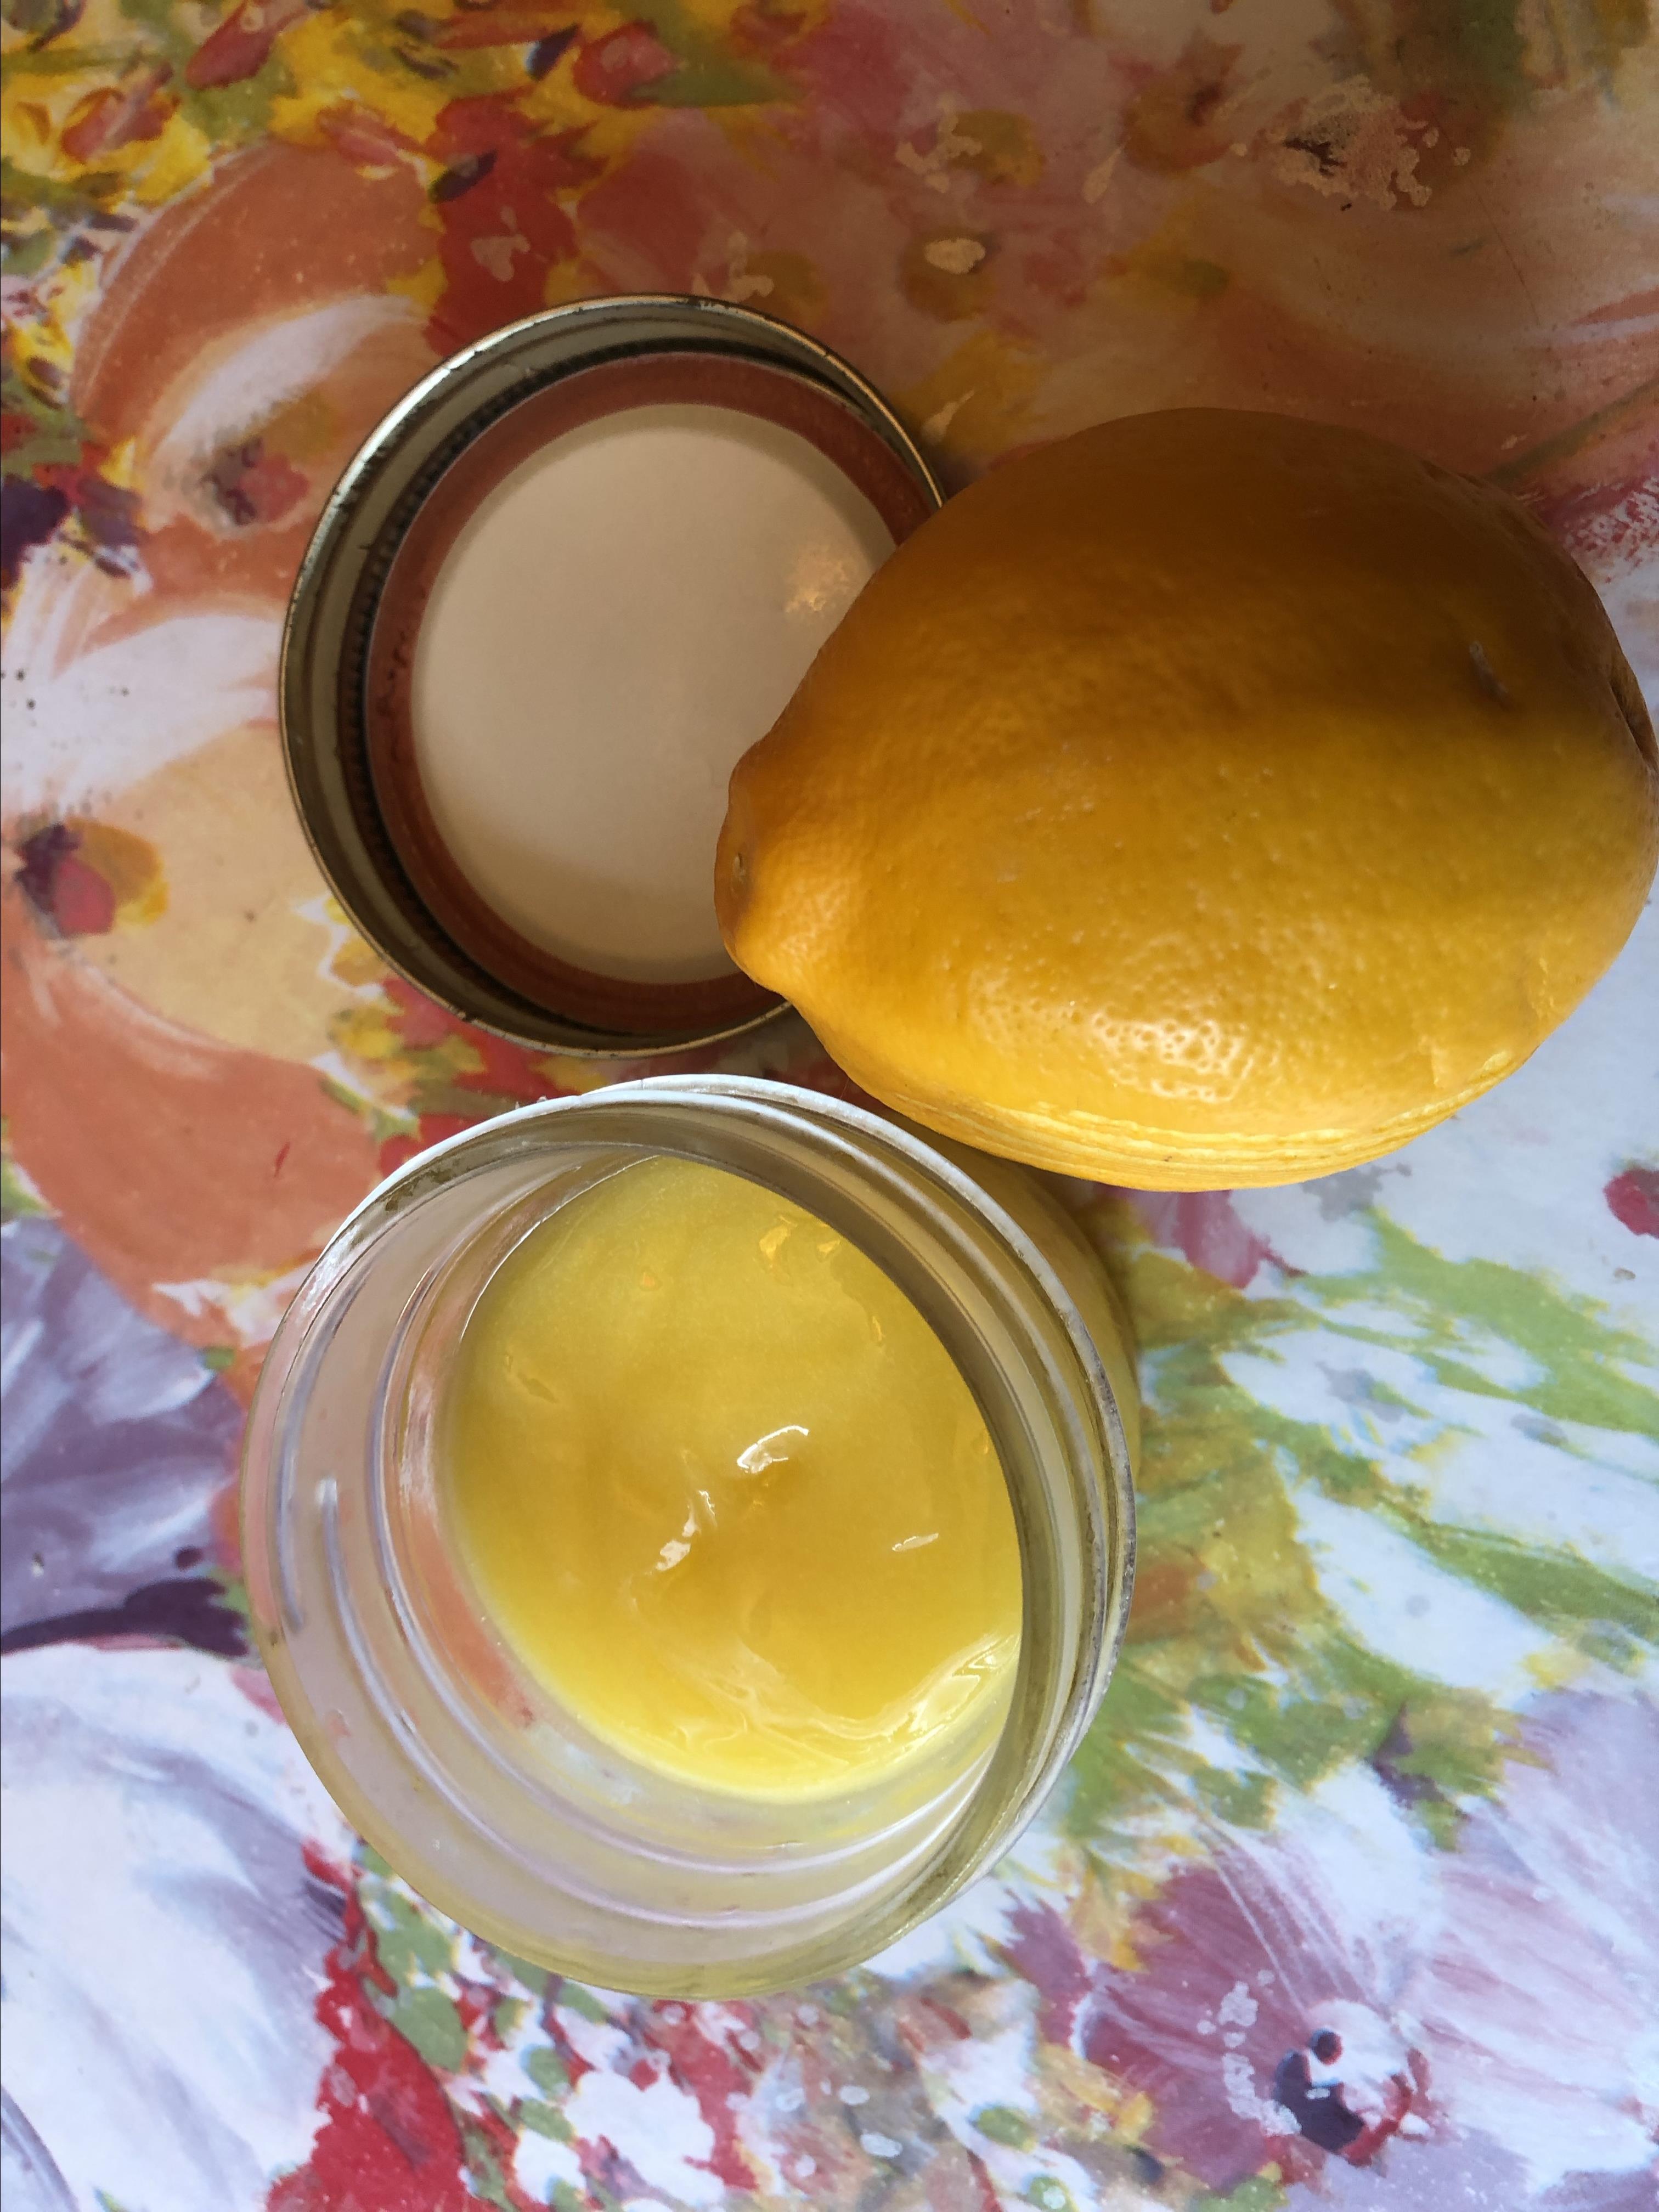 Lemon Curd SashaFoxtrot